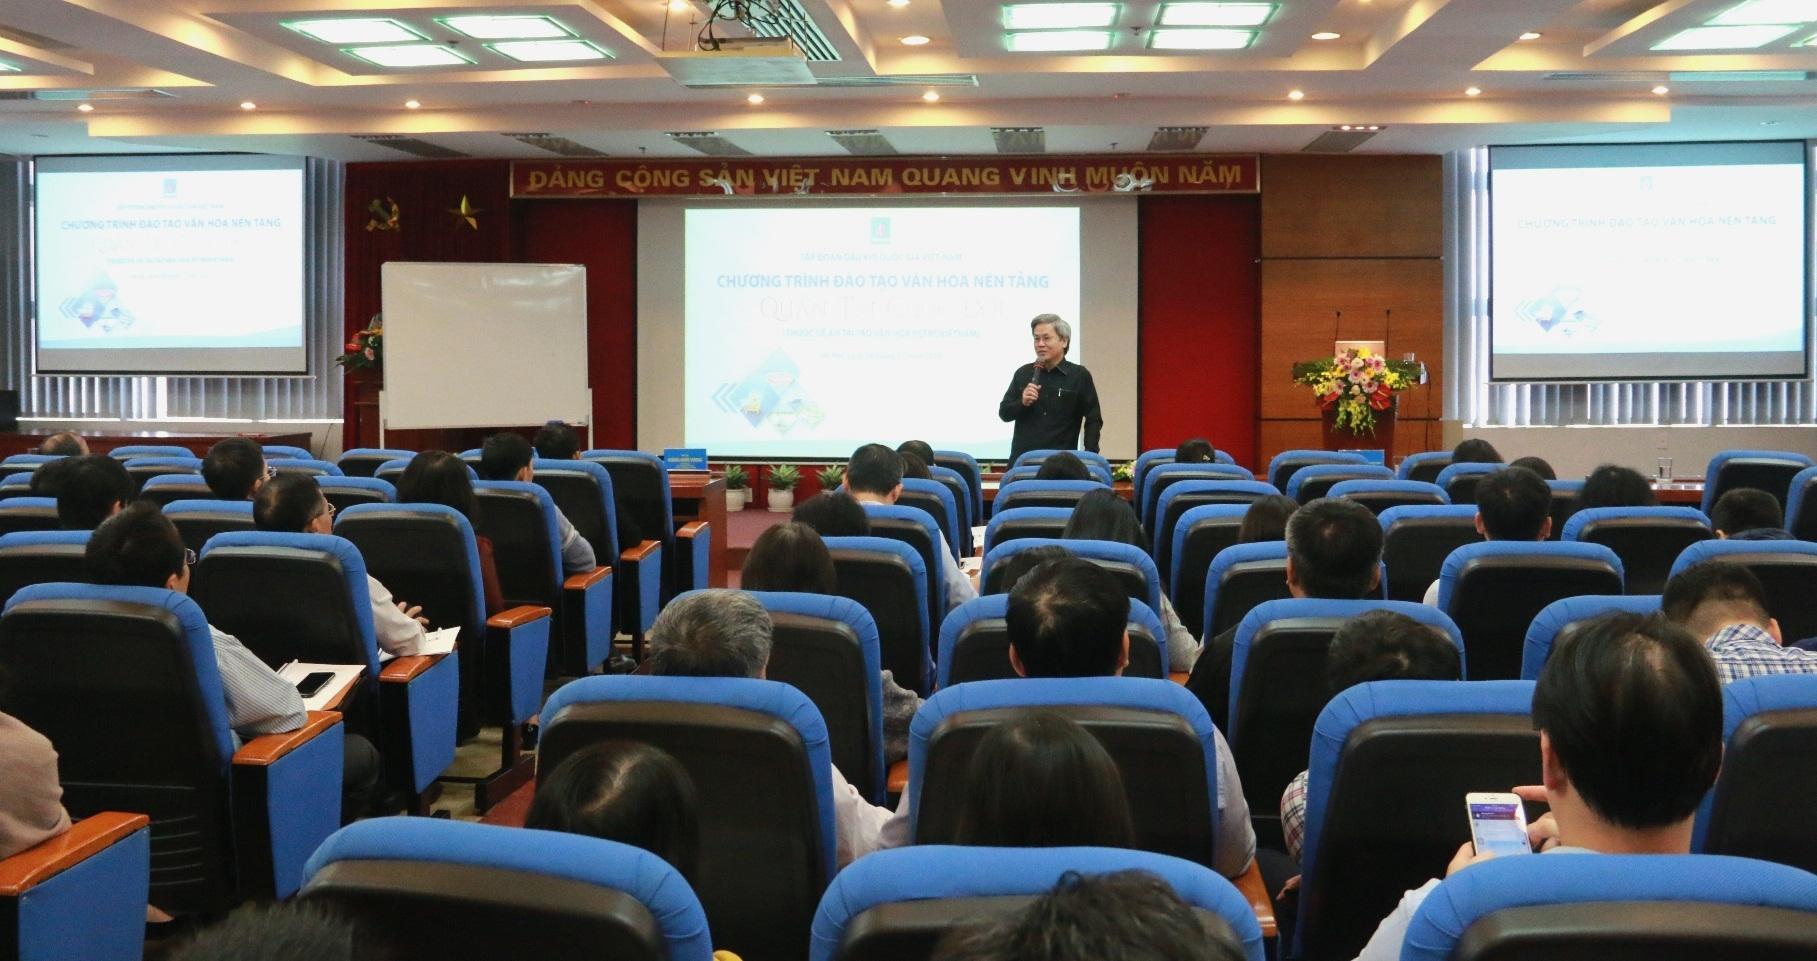 """Petrovietnam tổ chức Chương trình đào tạo Văn hóa nền tảng """"Quản trị cuộc đời"""""""